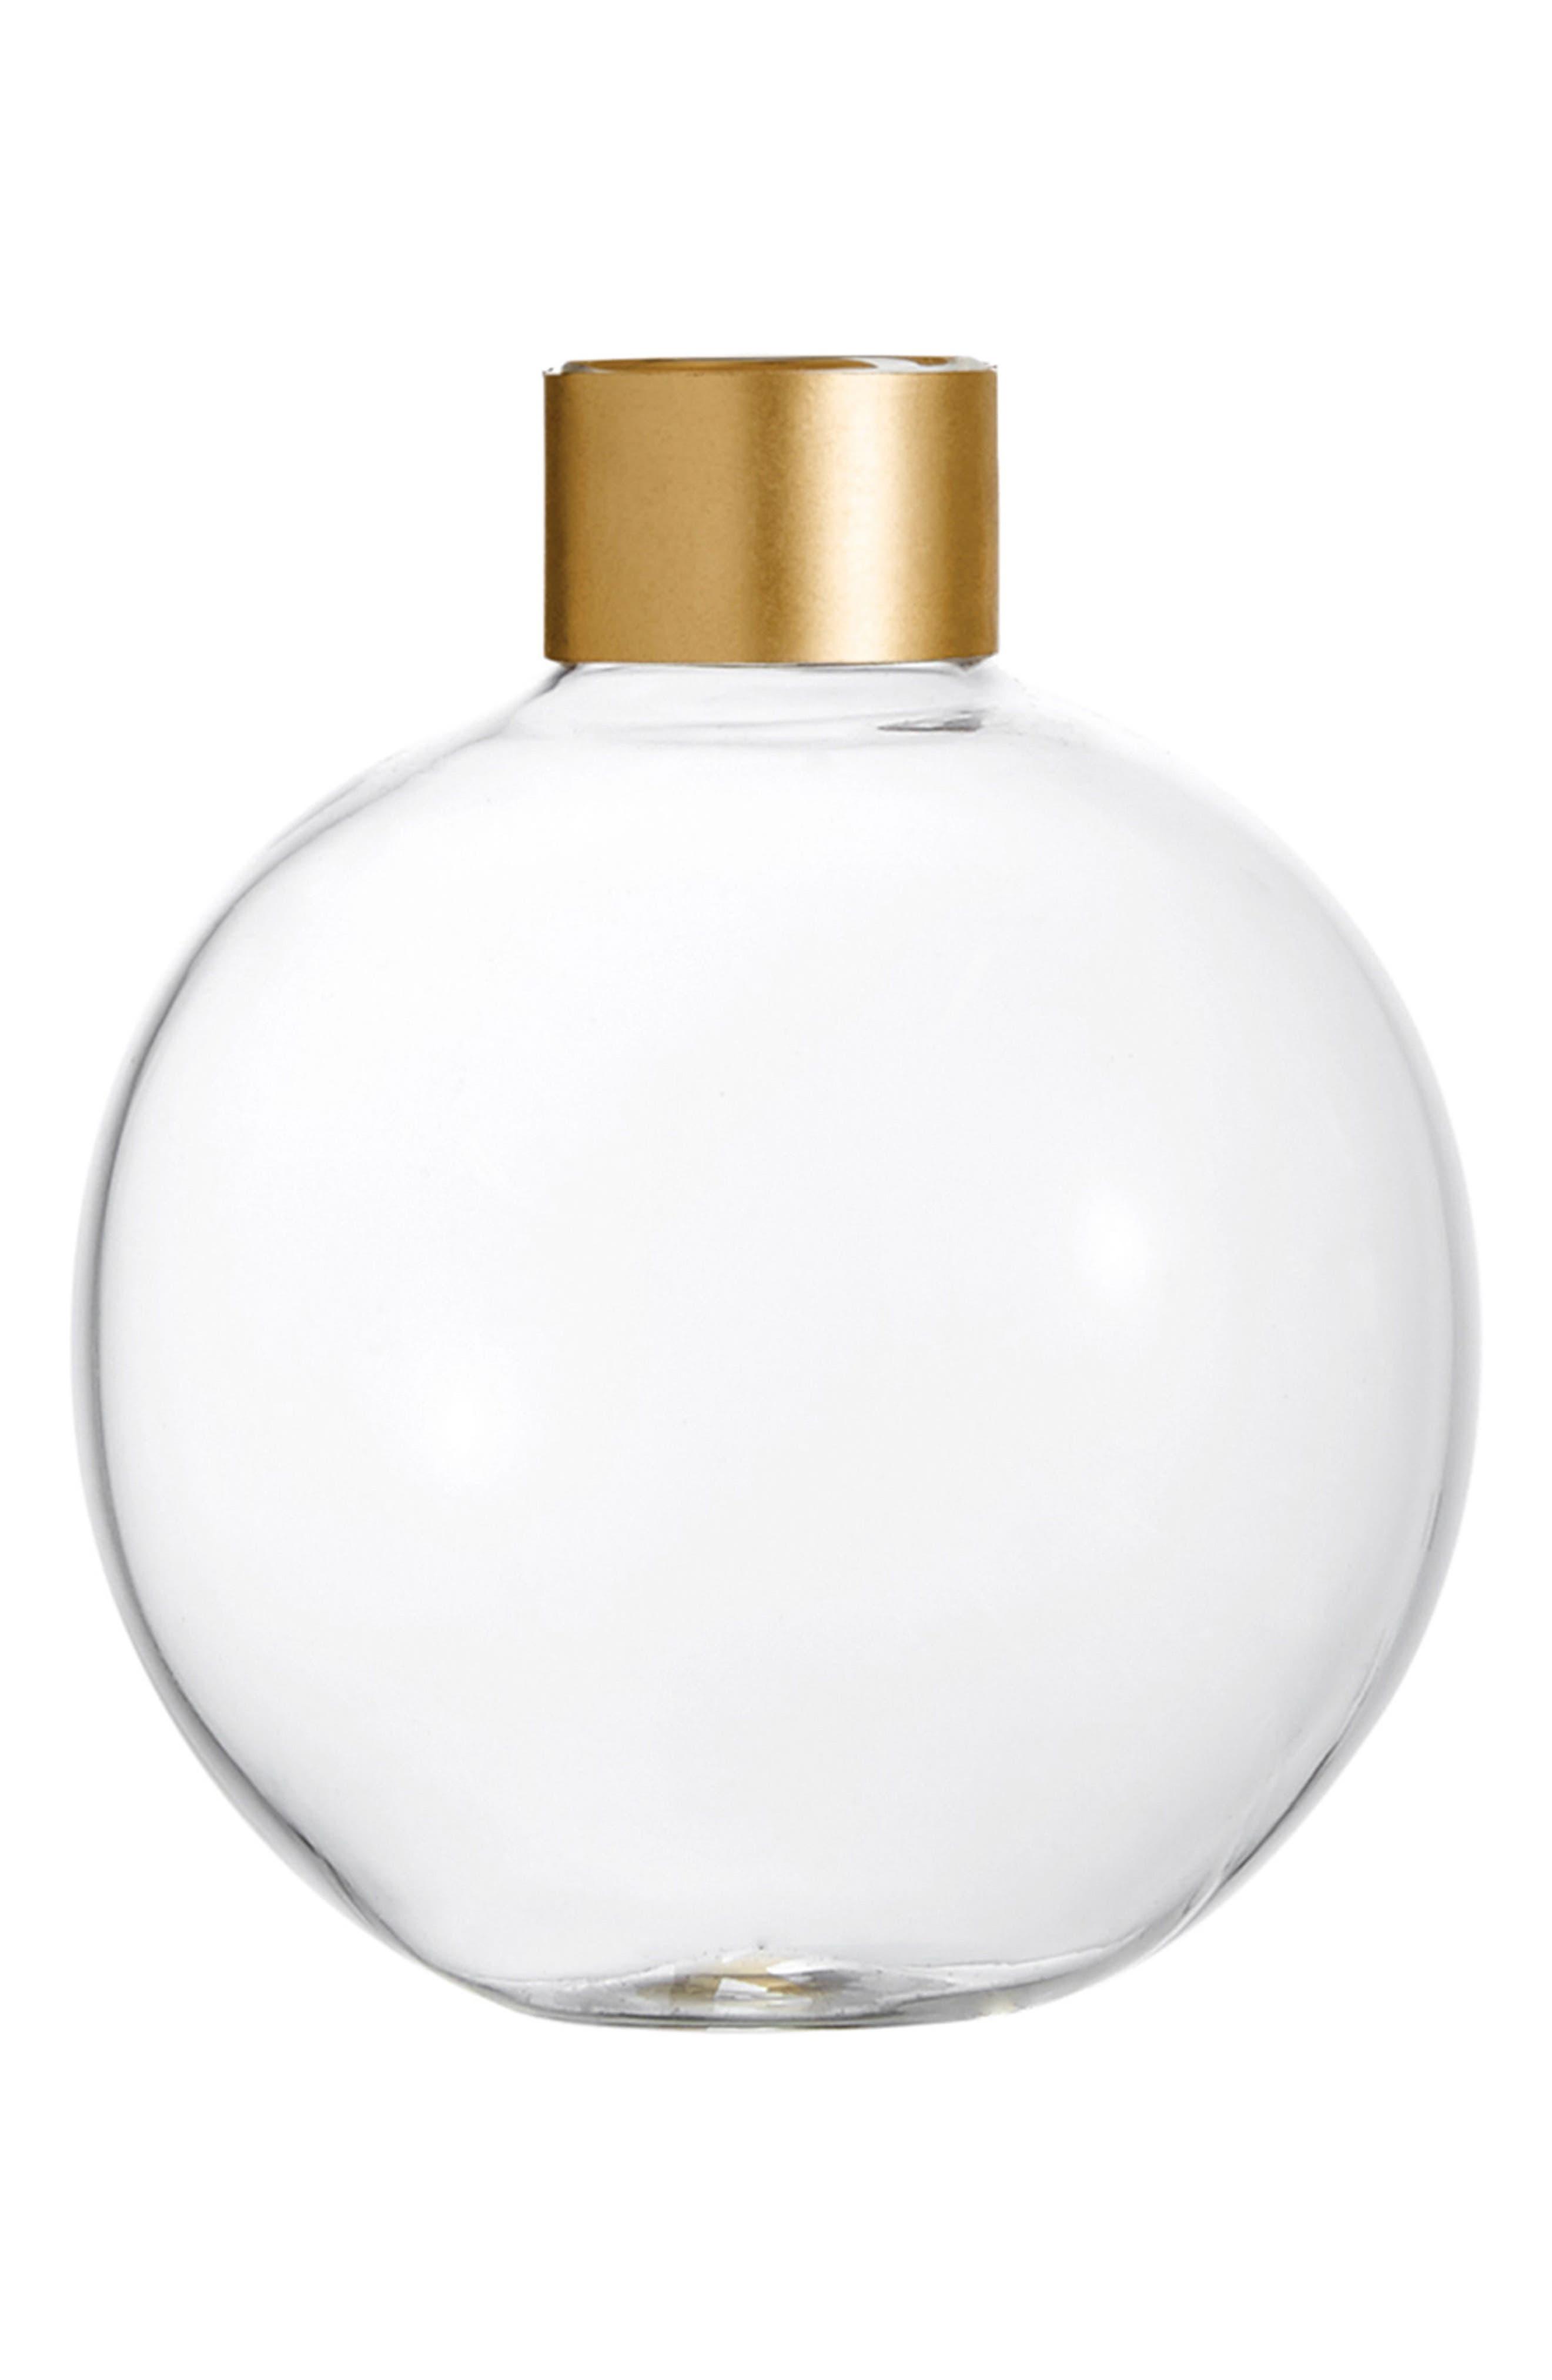 kikki.K Small Glass Vase